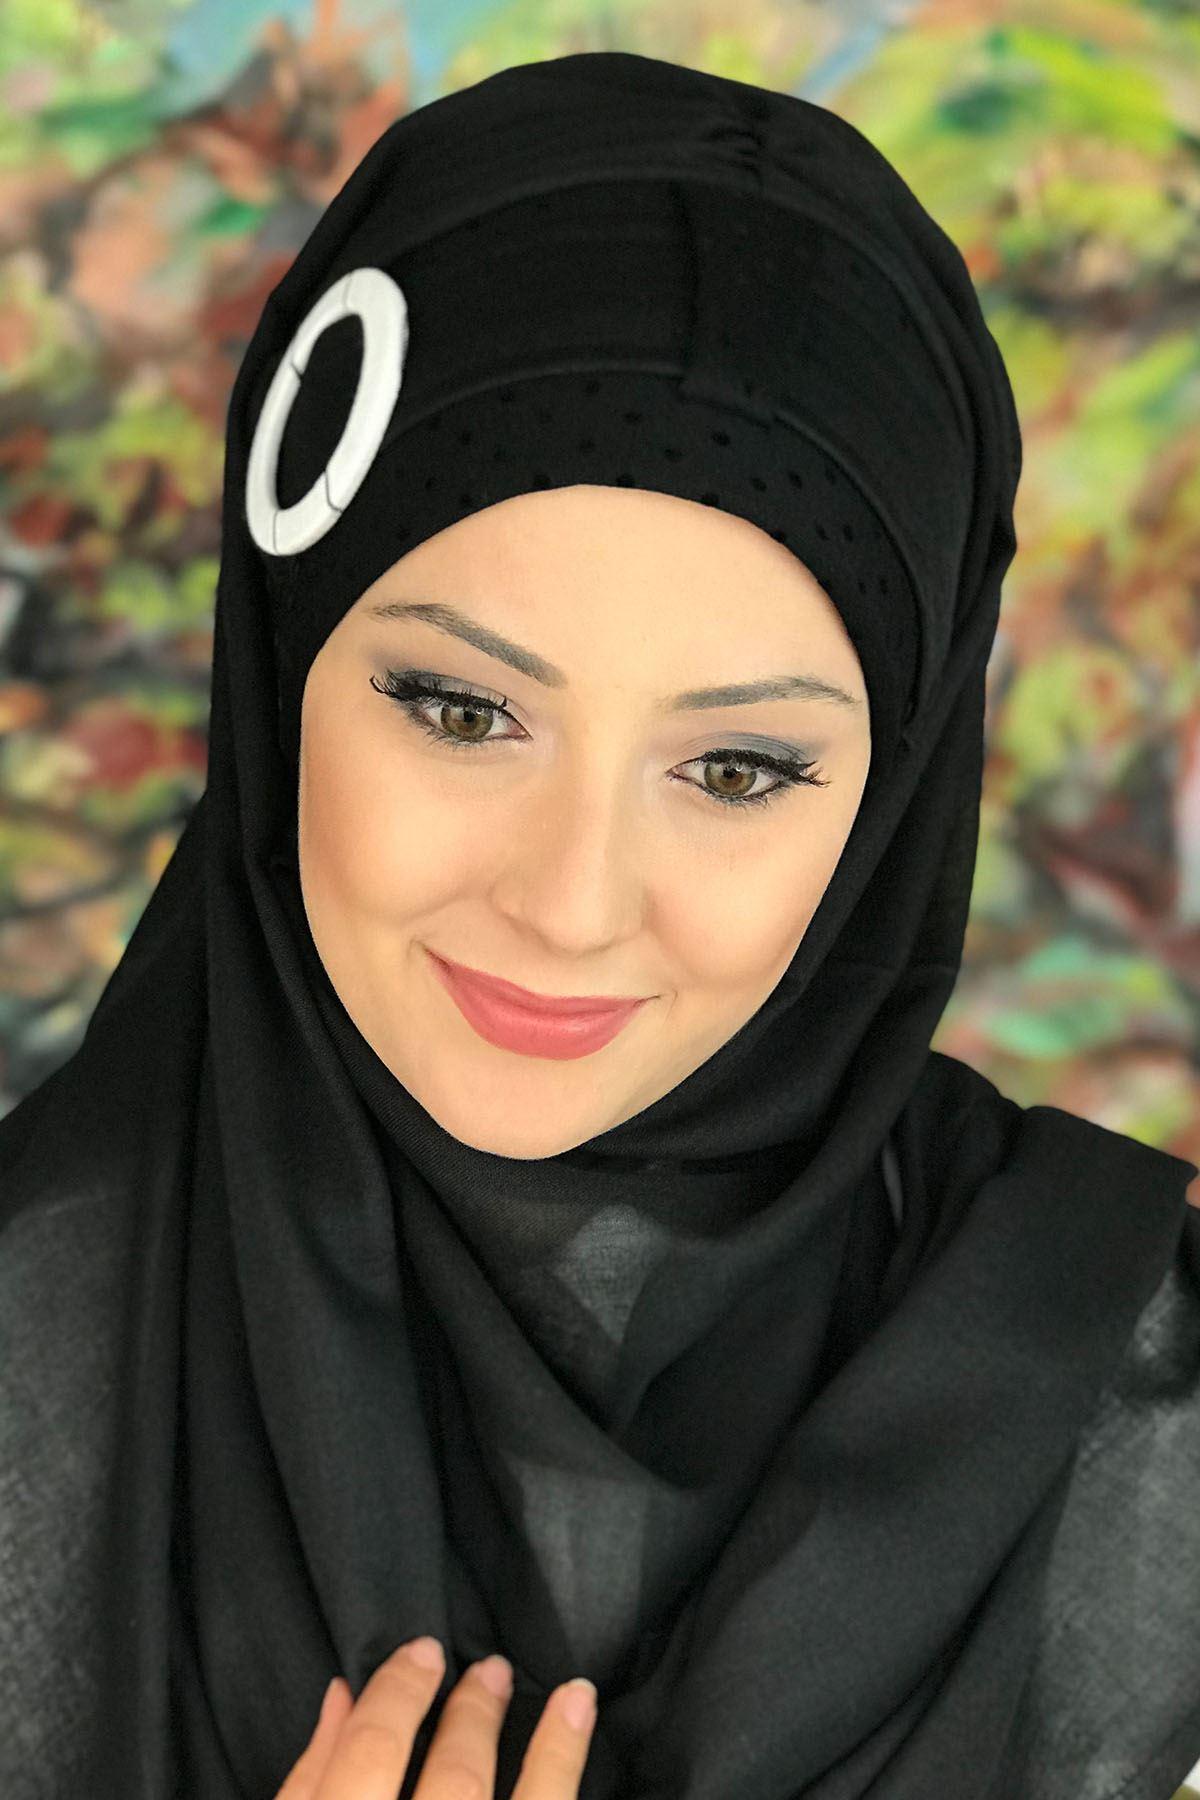 Sayf Model Siyah Benekli Renkli Tokalı Kemerli Hazır Şal